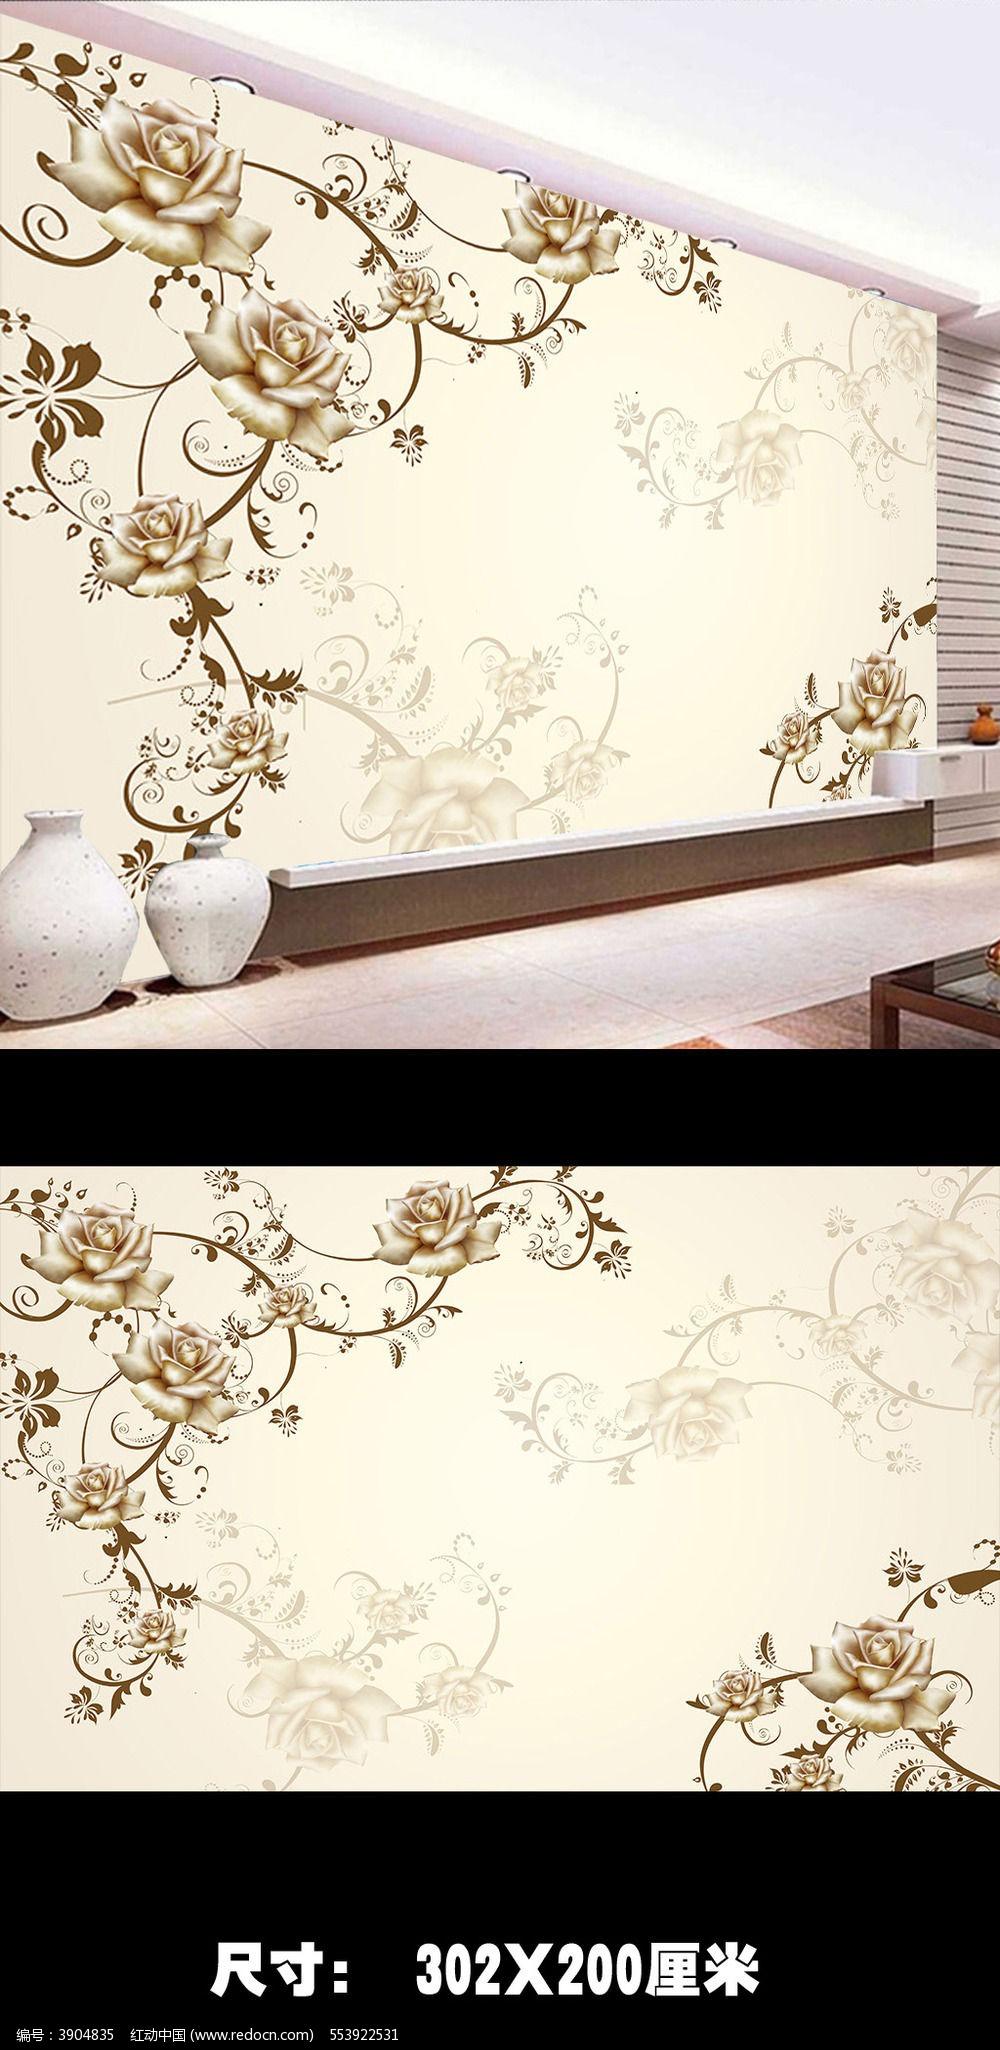 中式手绘电视背景墙psd图片下载素材下载